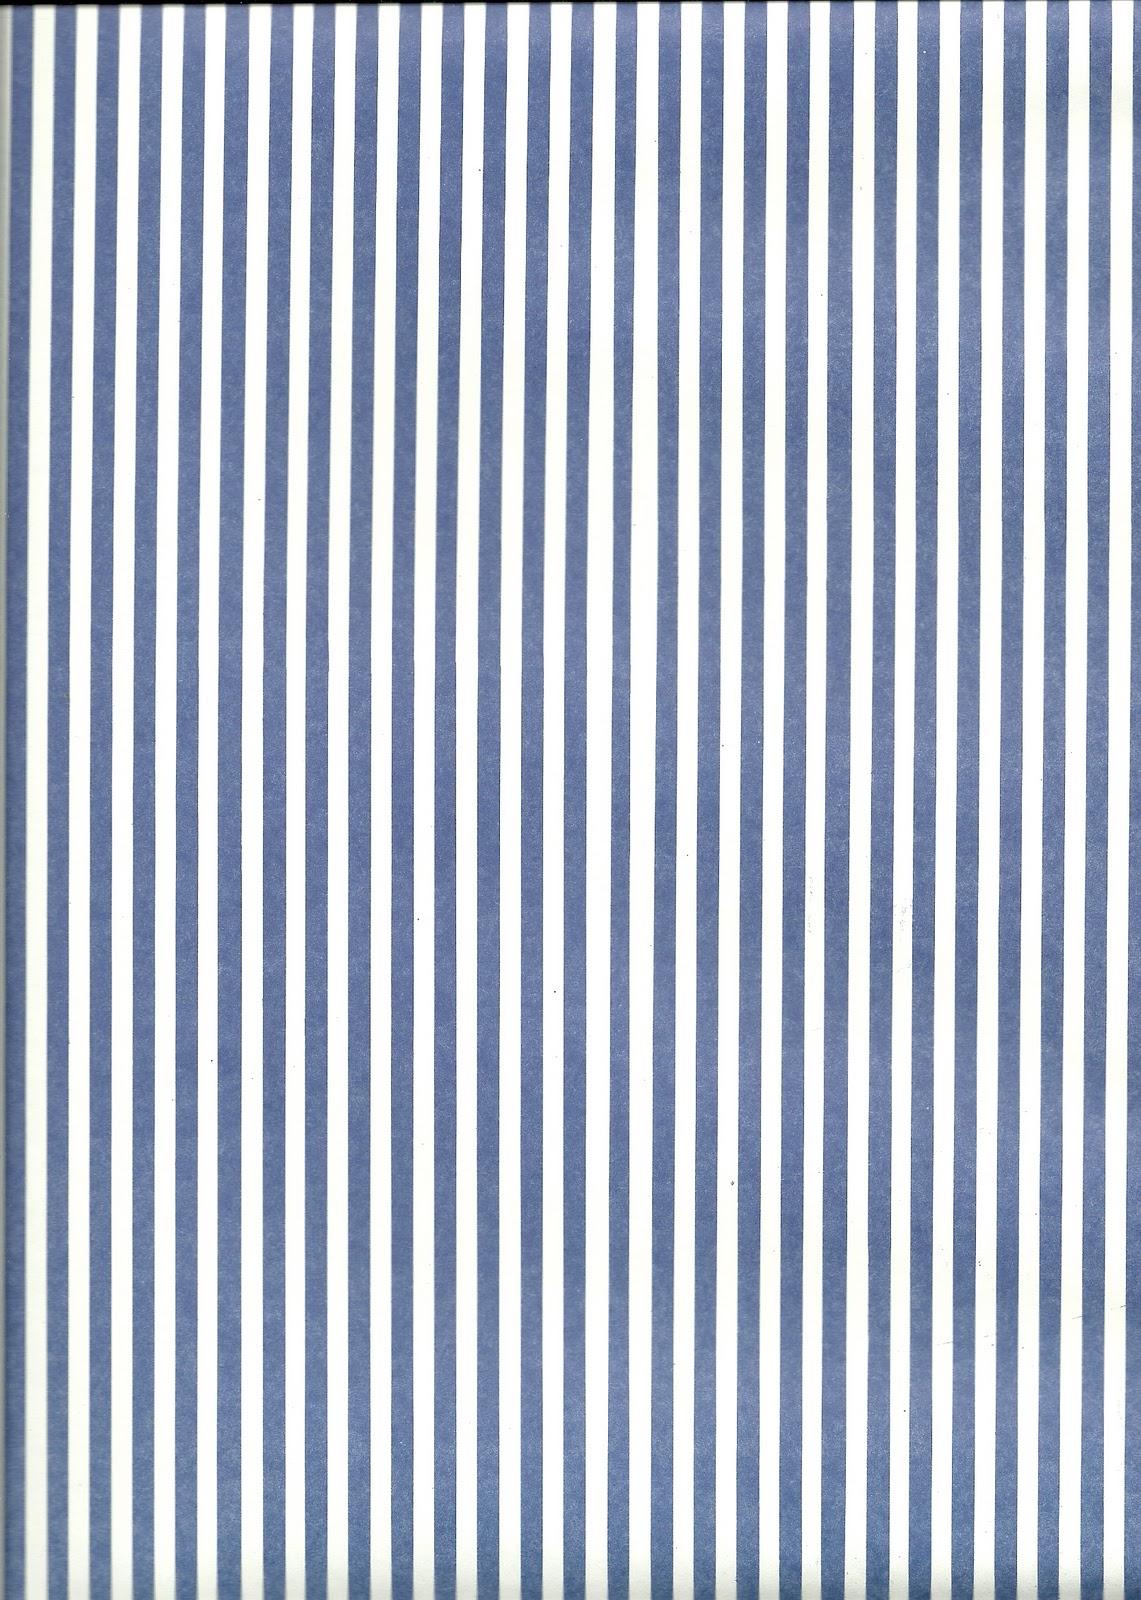 Papeles servilletas y telas de tere papel rayas 04 - Papel de rayas ...